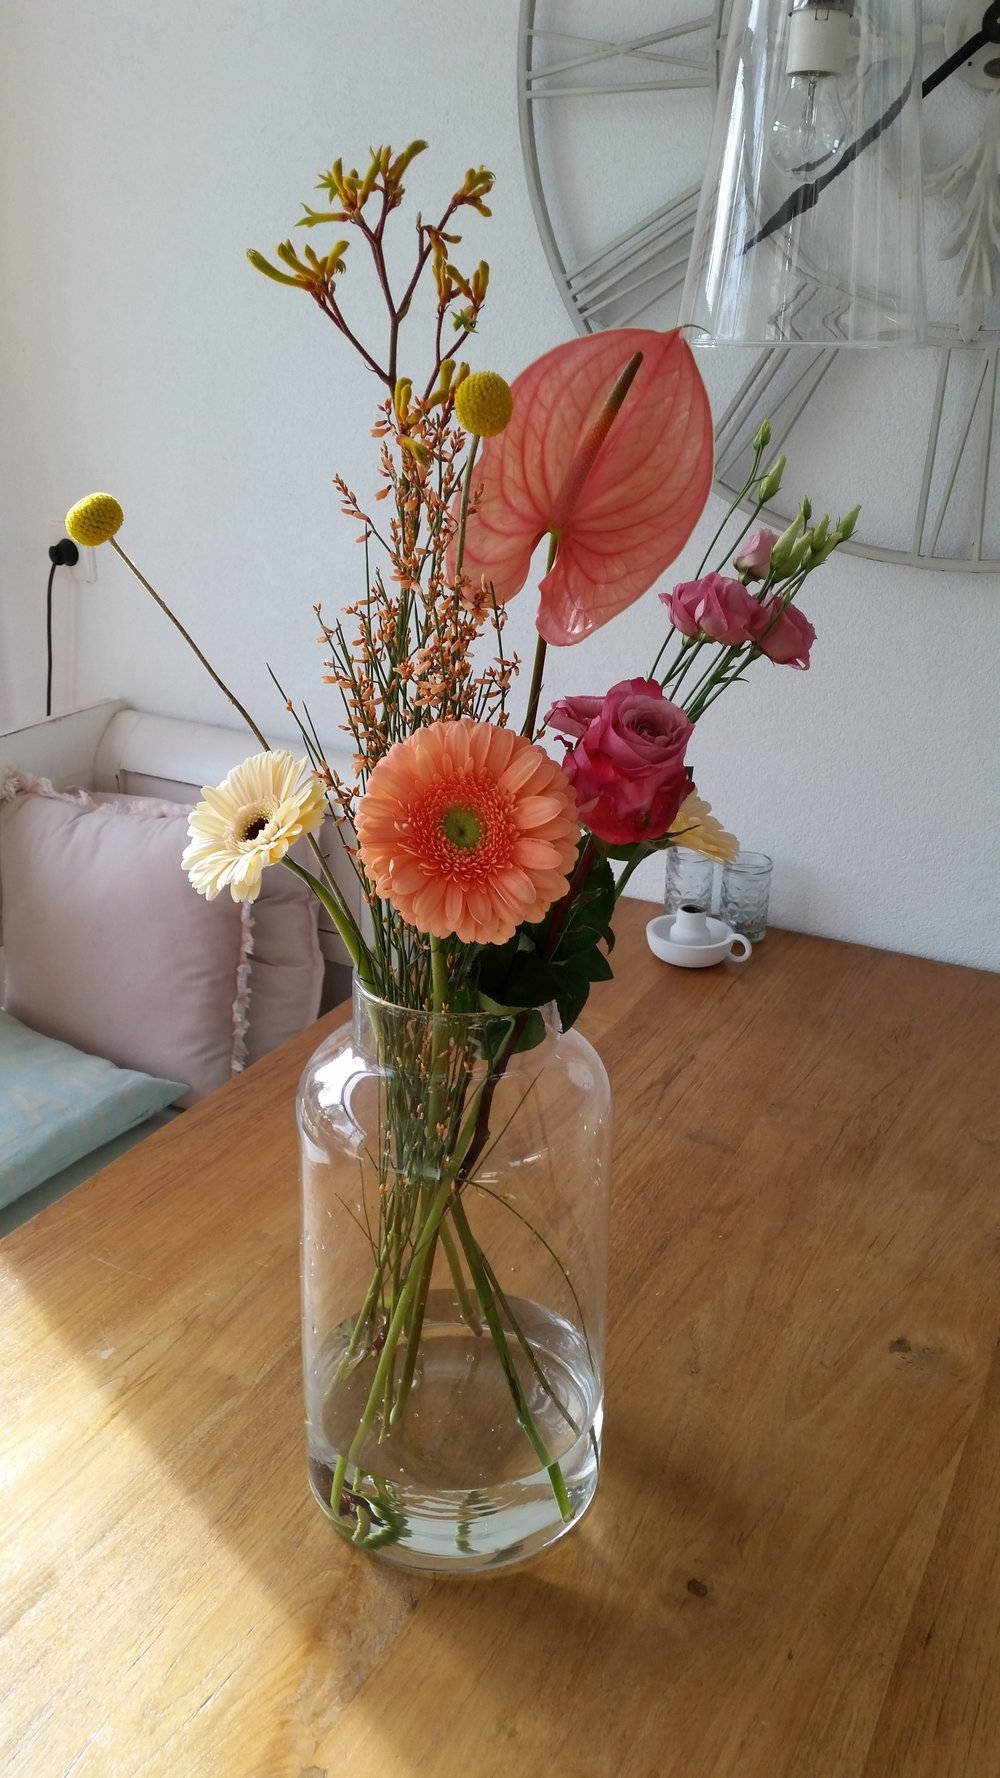 Verse bloemen, schoon huis(soort van), klaar voor het weekend!